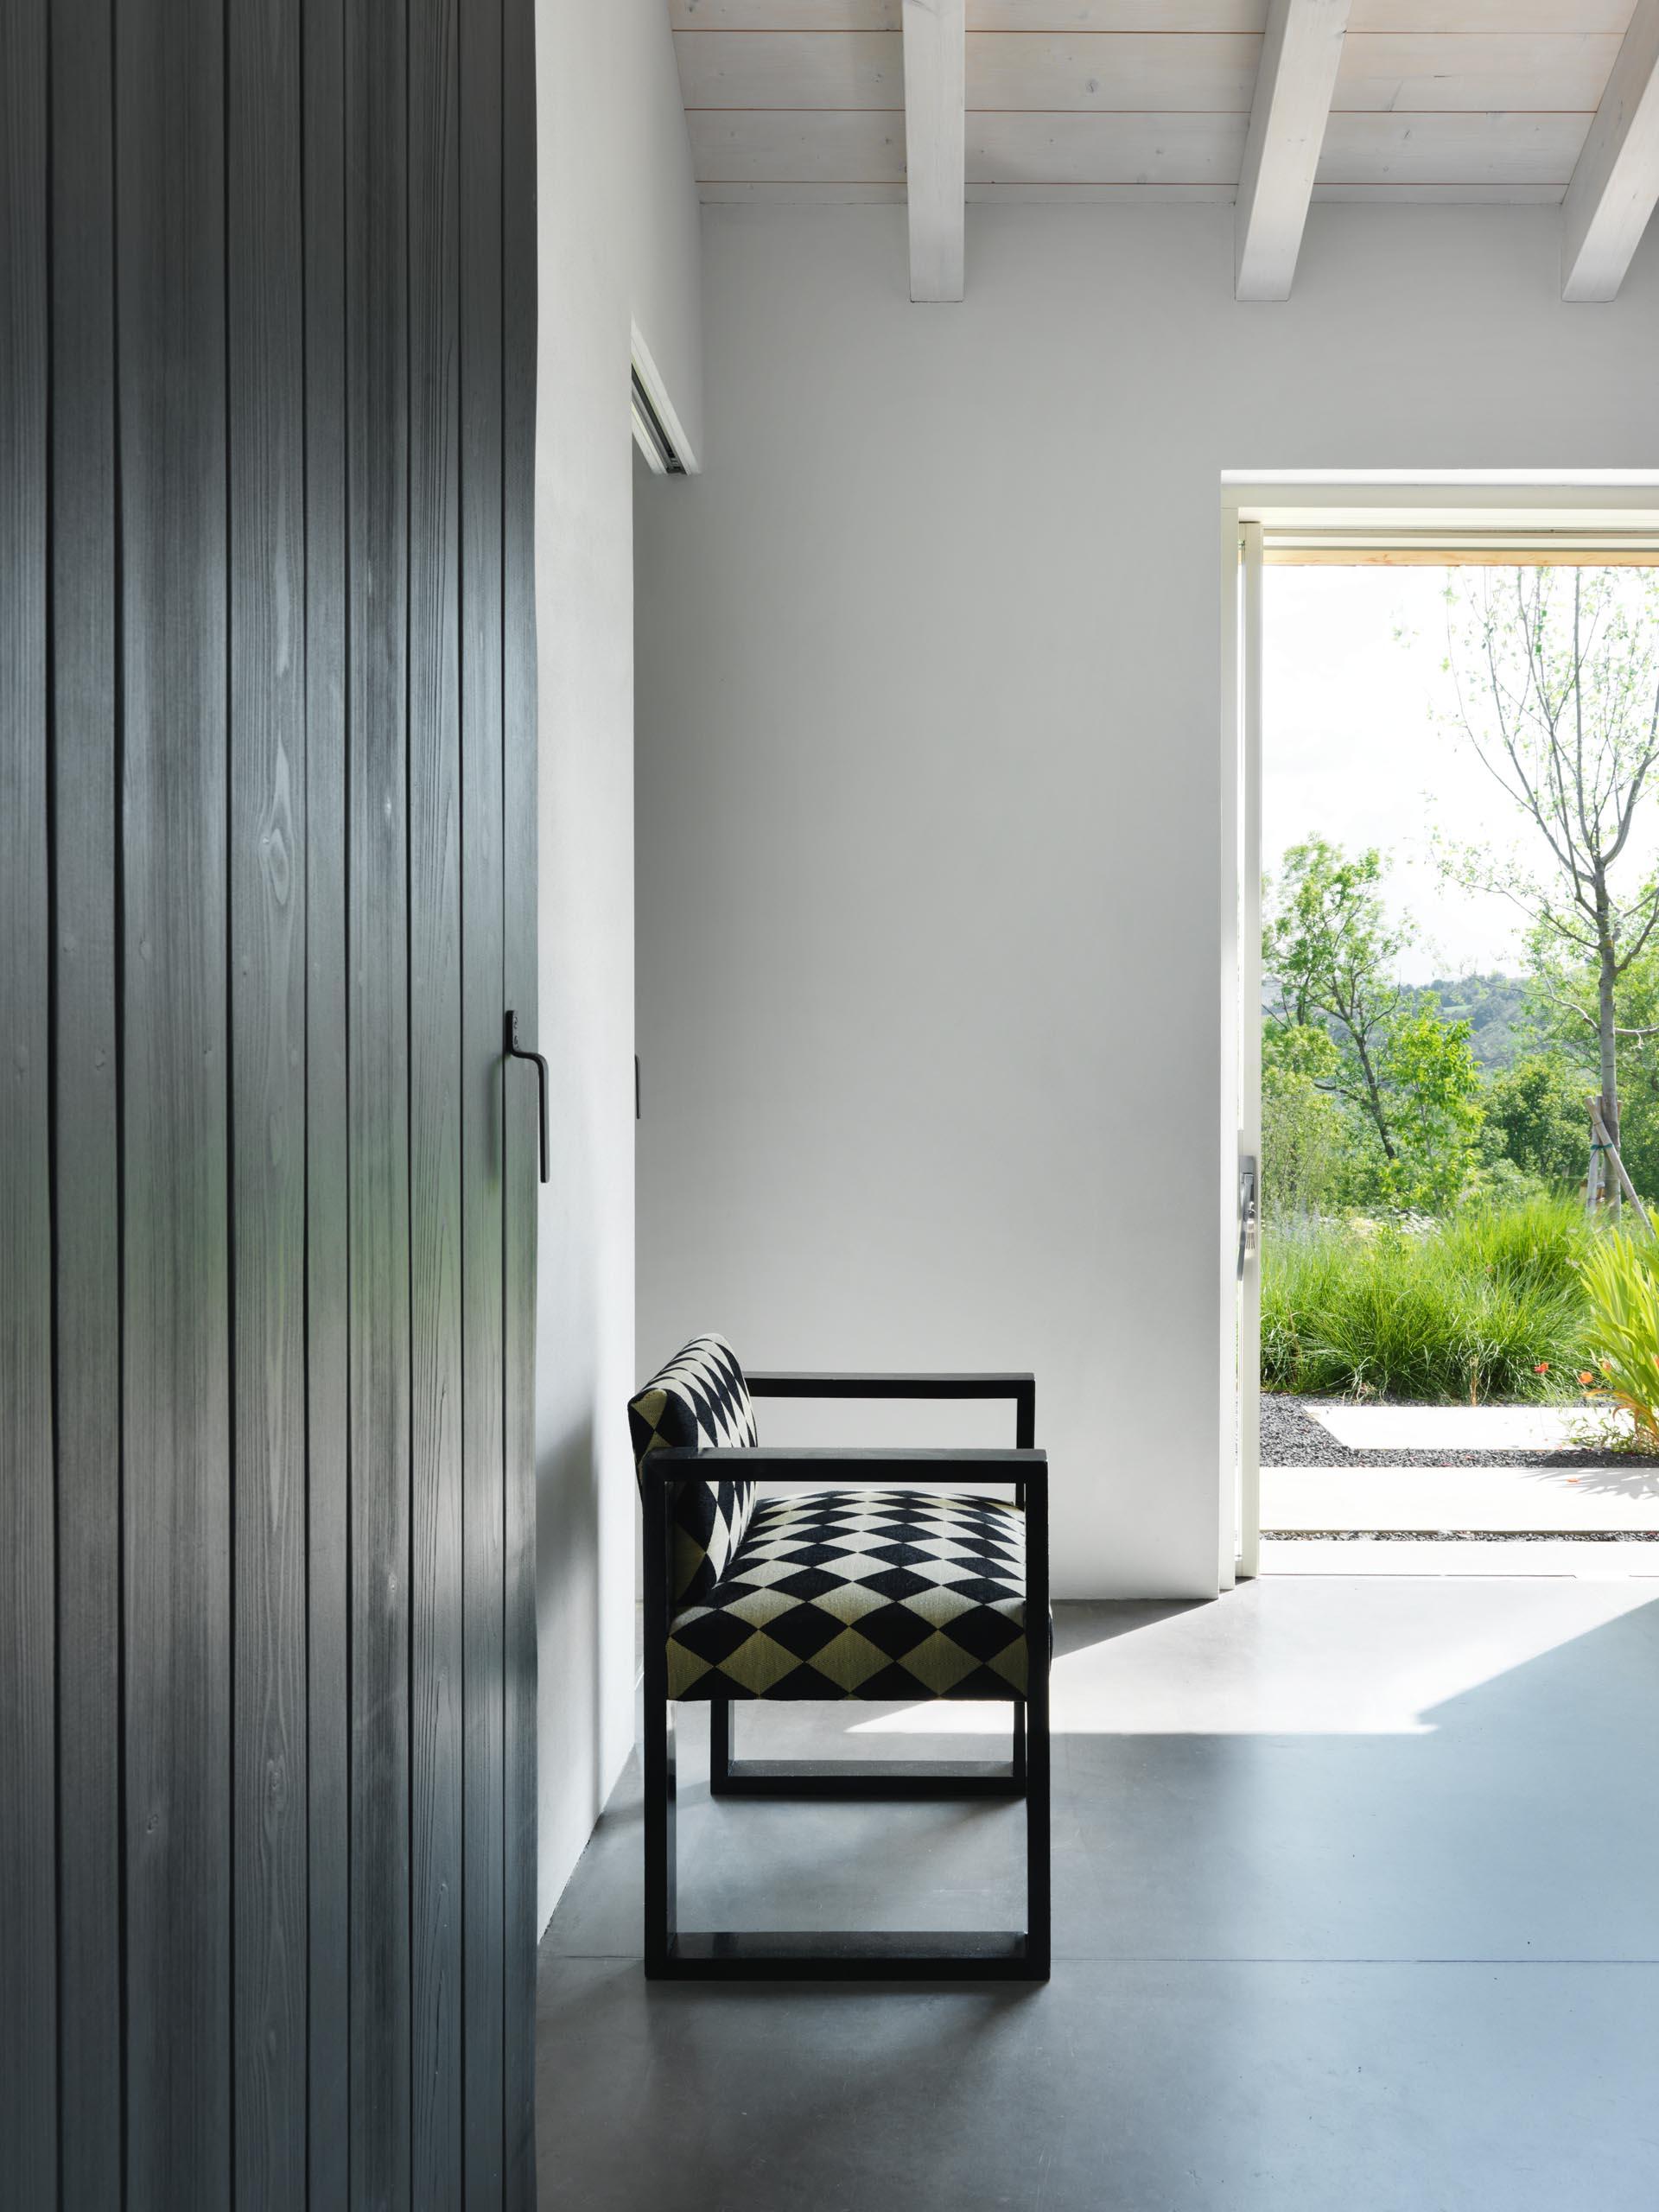 A modern black wood bedroom door.